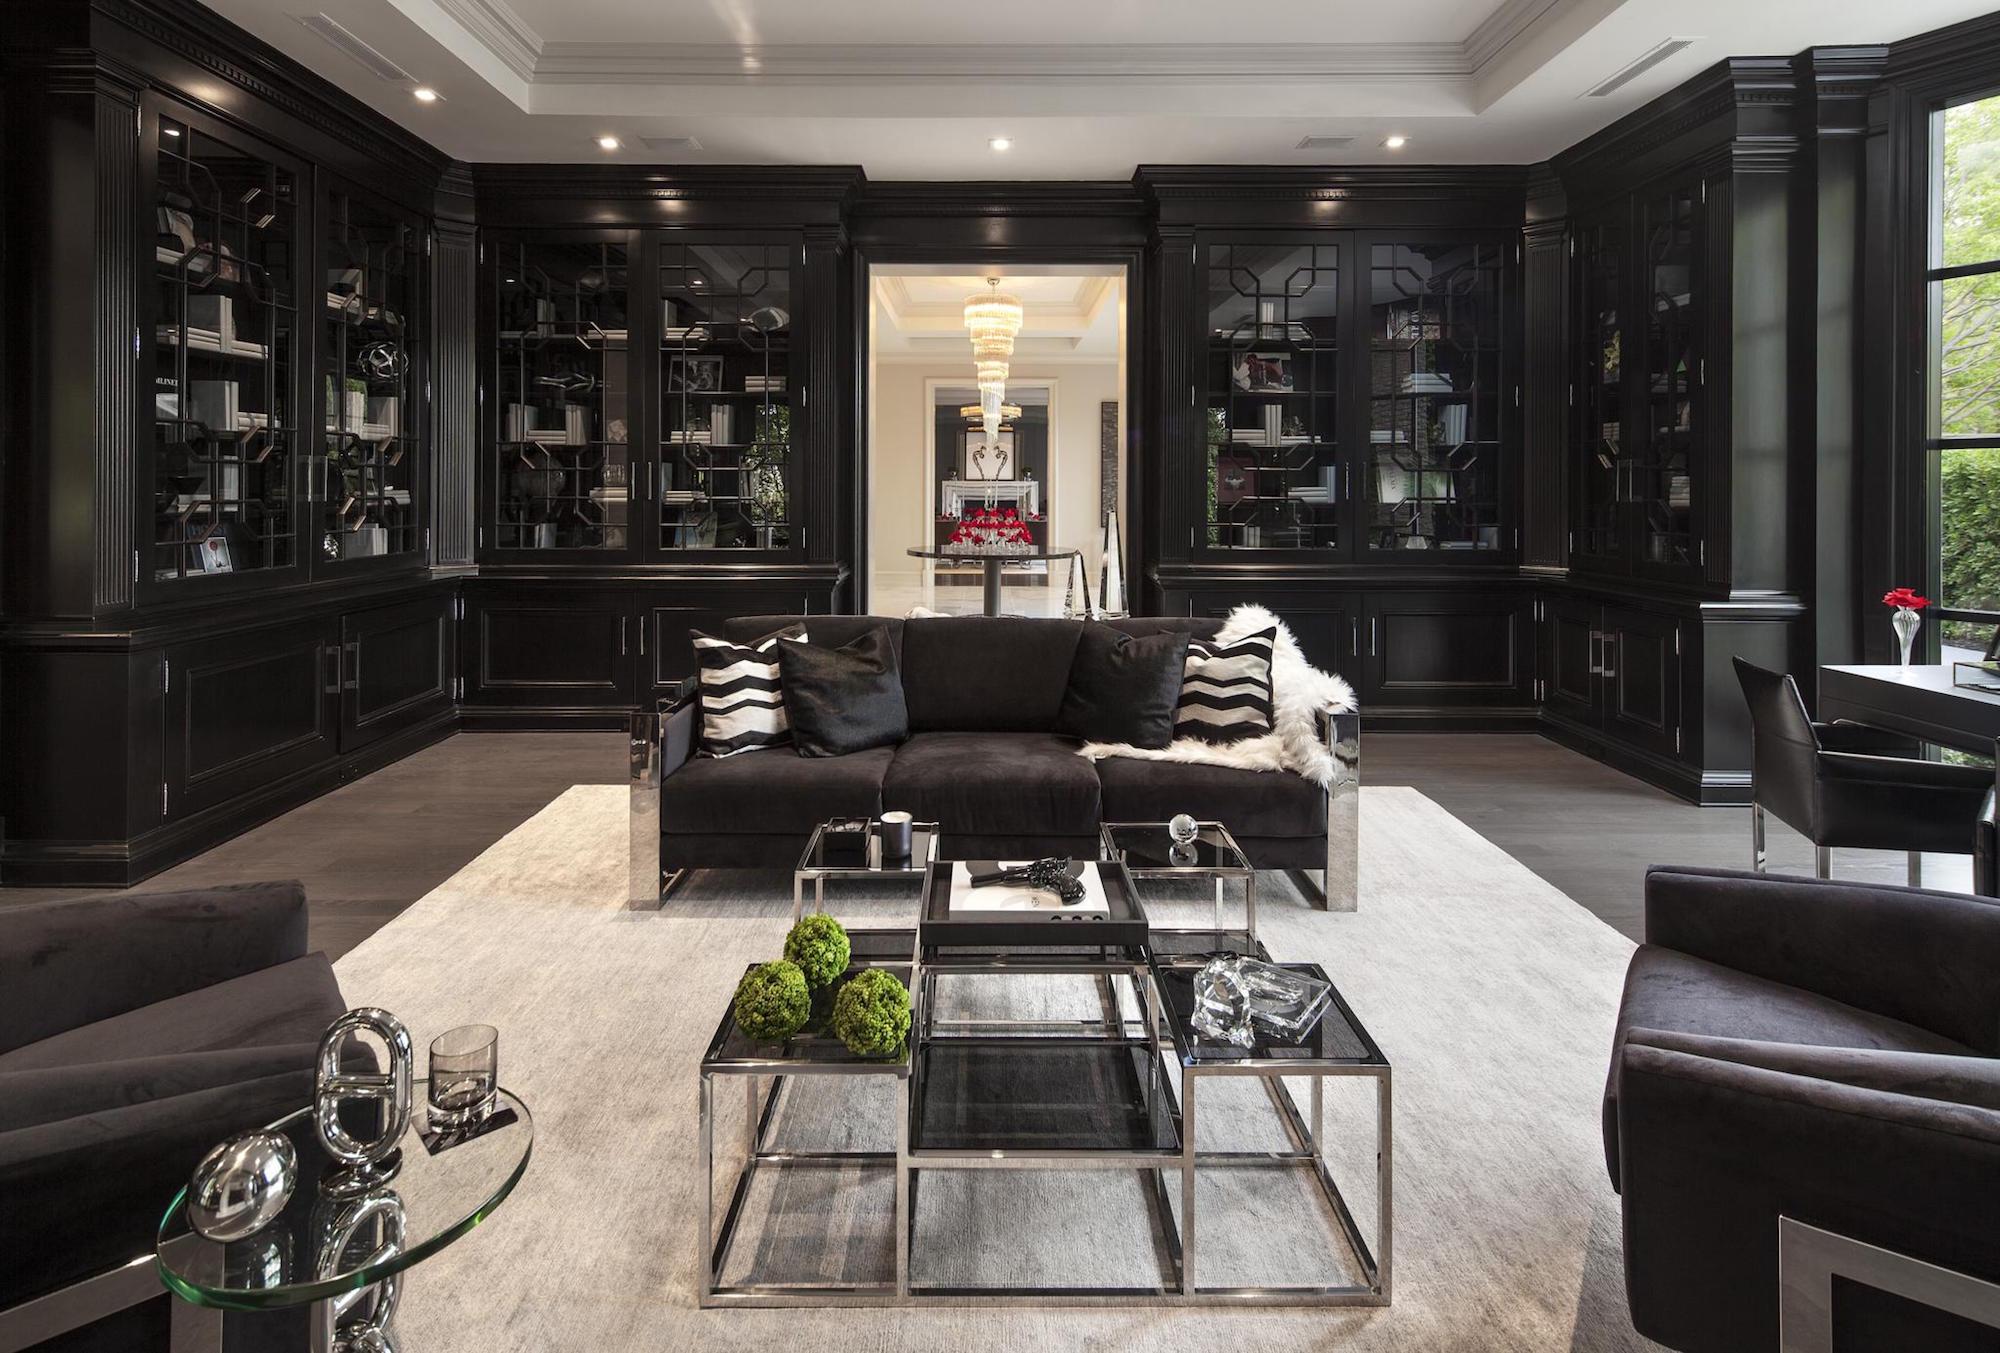 Das Beste für den Champ: Floyd Mayweather kauft Anwesen in Beverly Hills 5